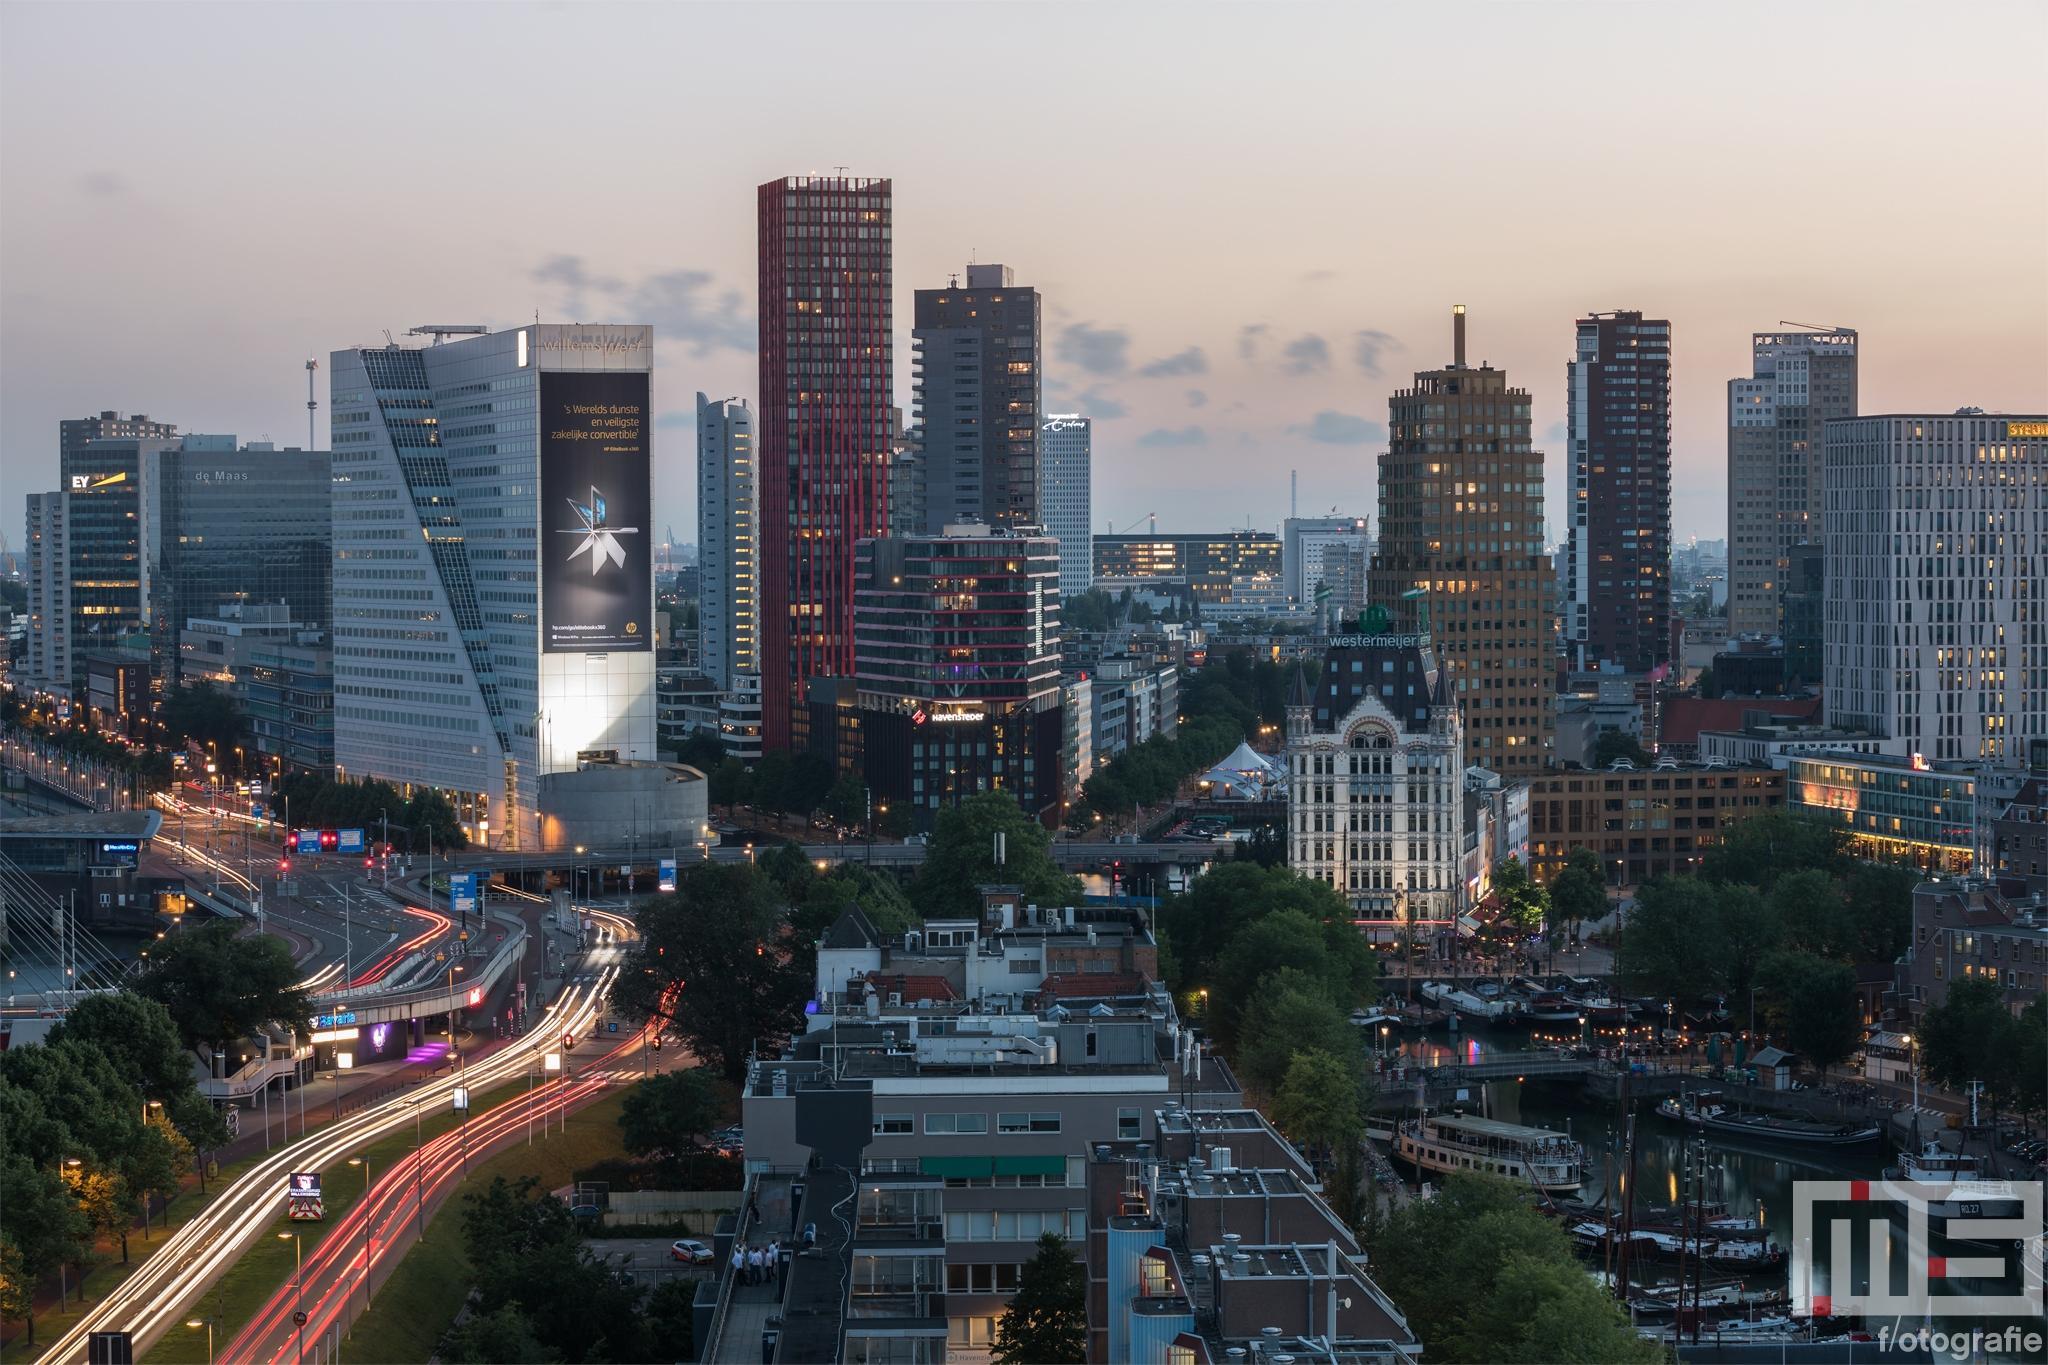 skyline-rotterdam-oudehaven-12128-10.jpg